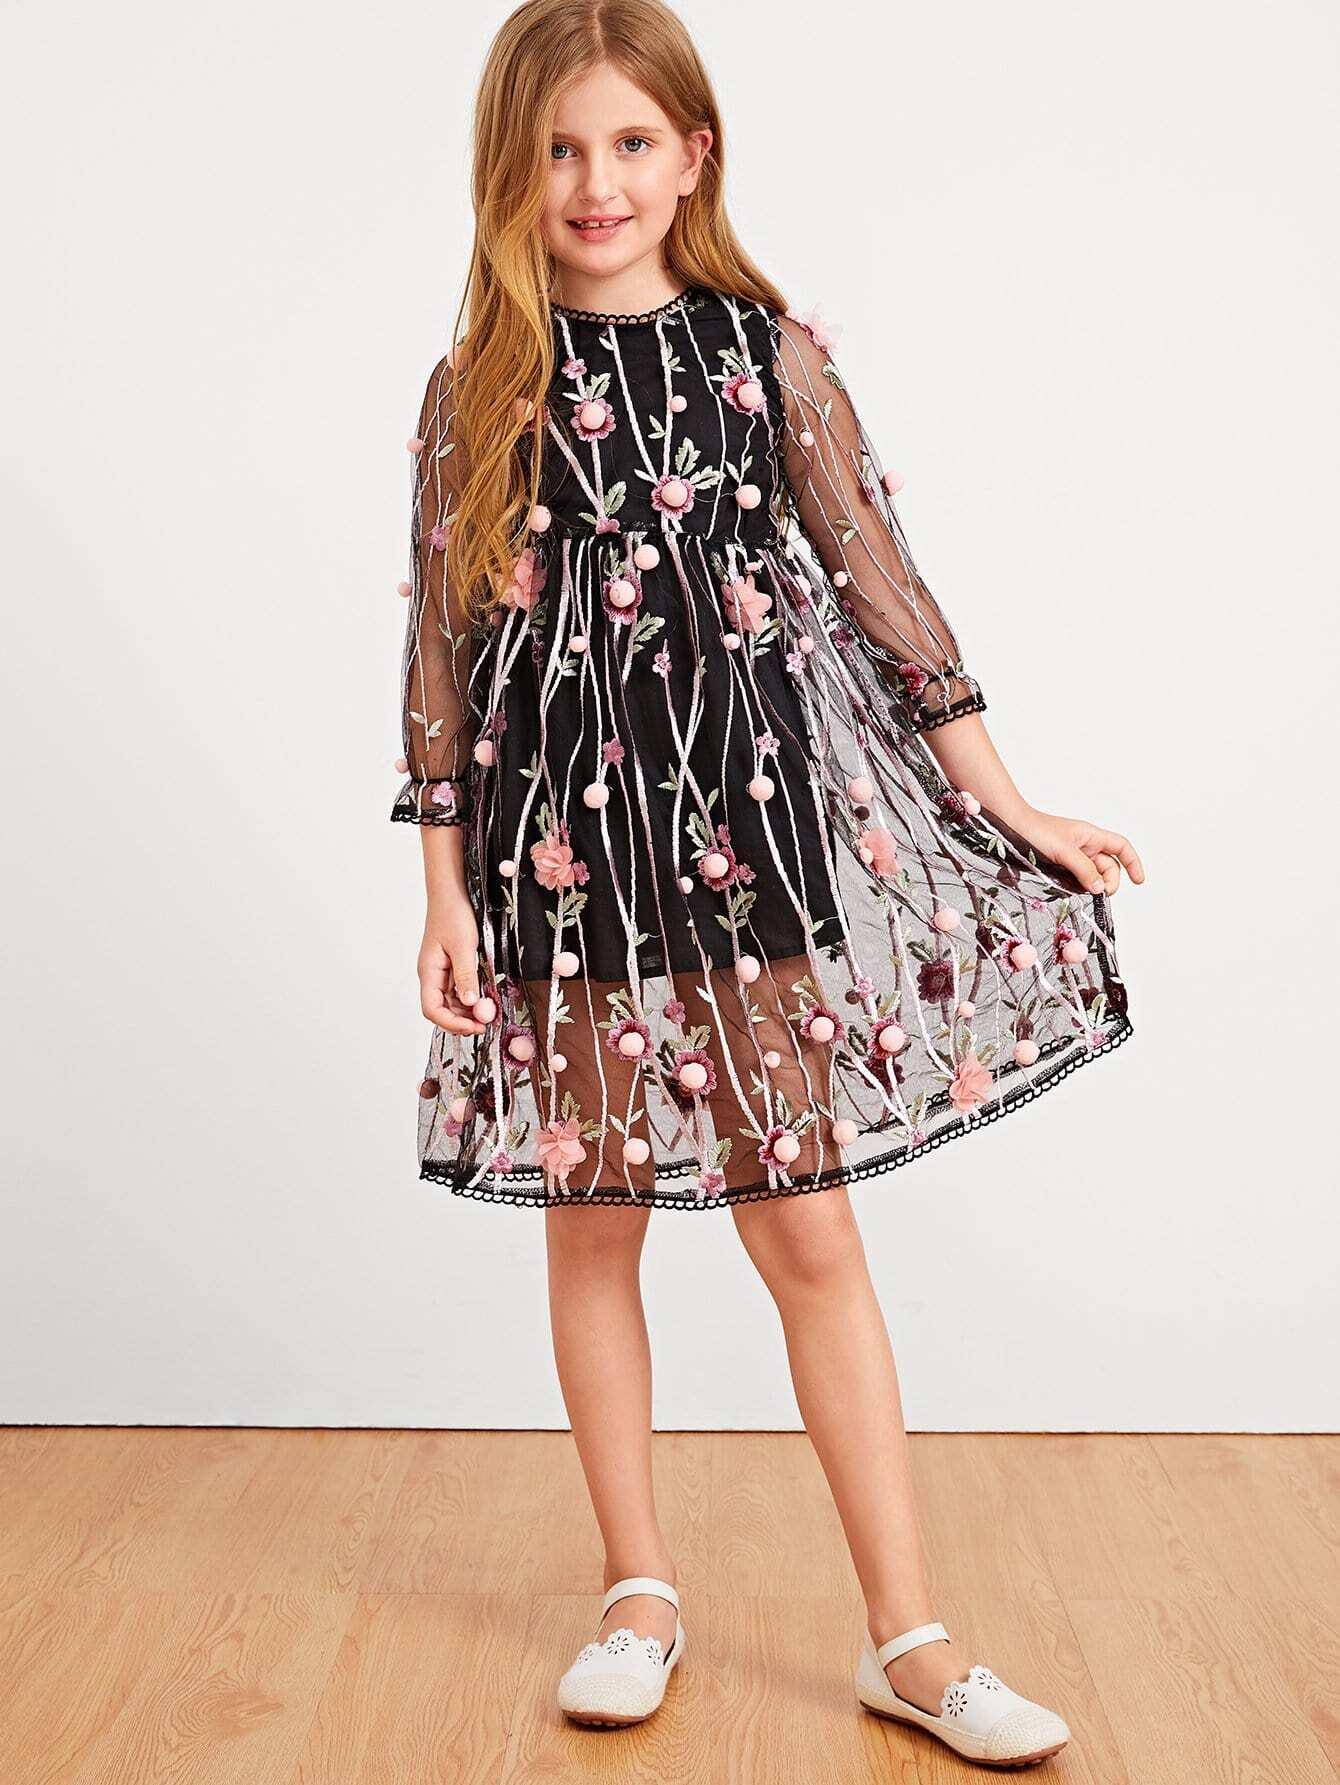 Купить Pom Pom Ситцевое платье со симметрическими сетчатыми для девочки, Dariab, SheIn